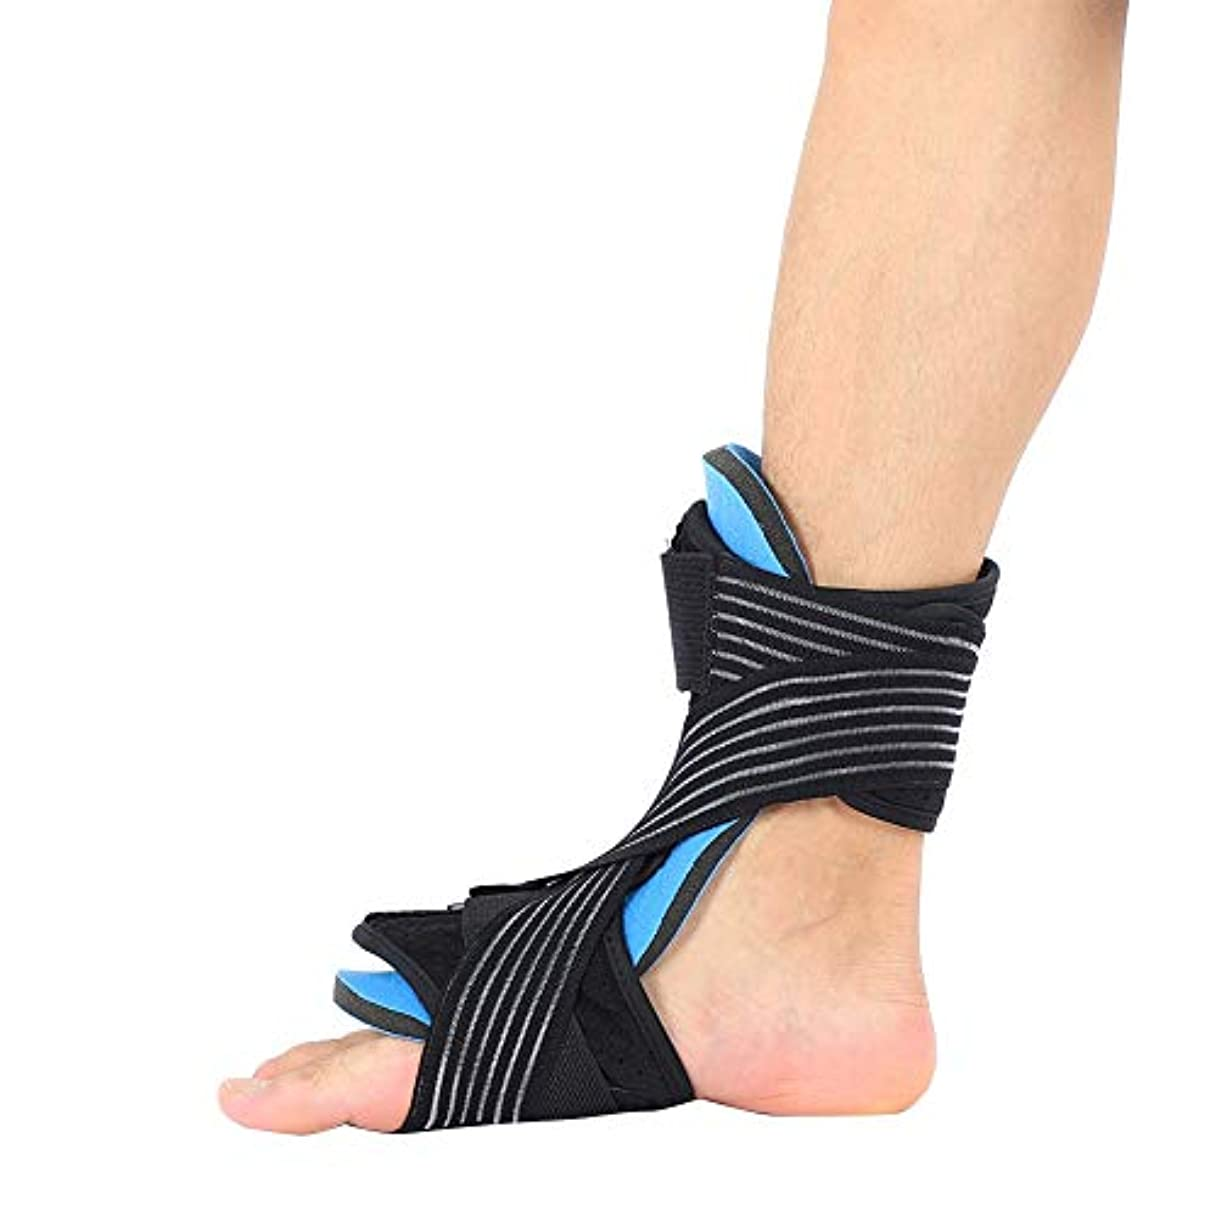 推進、動かすコロニアル愚か足ドロップブレース補正、救済足底筋膜炎のための調節可能なフットドロップ矯正装具ツール(2#)